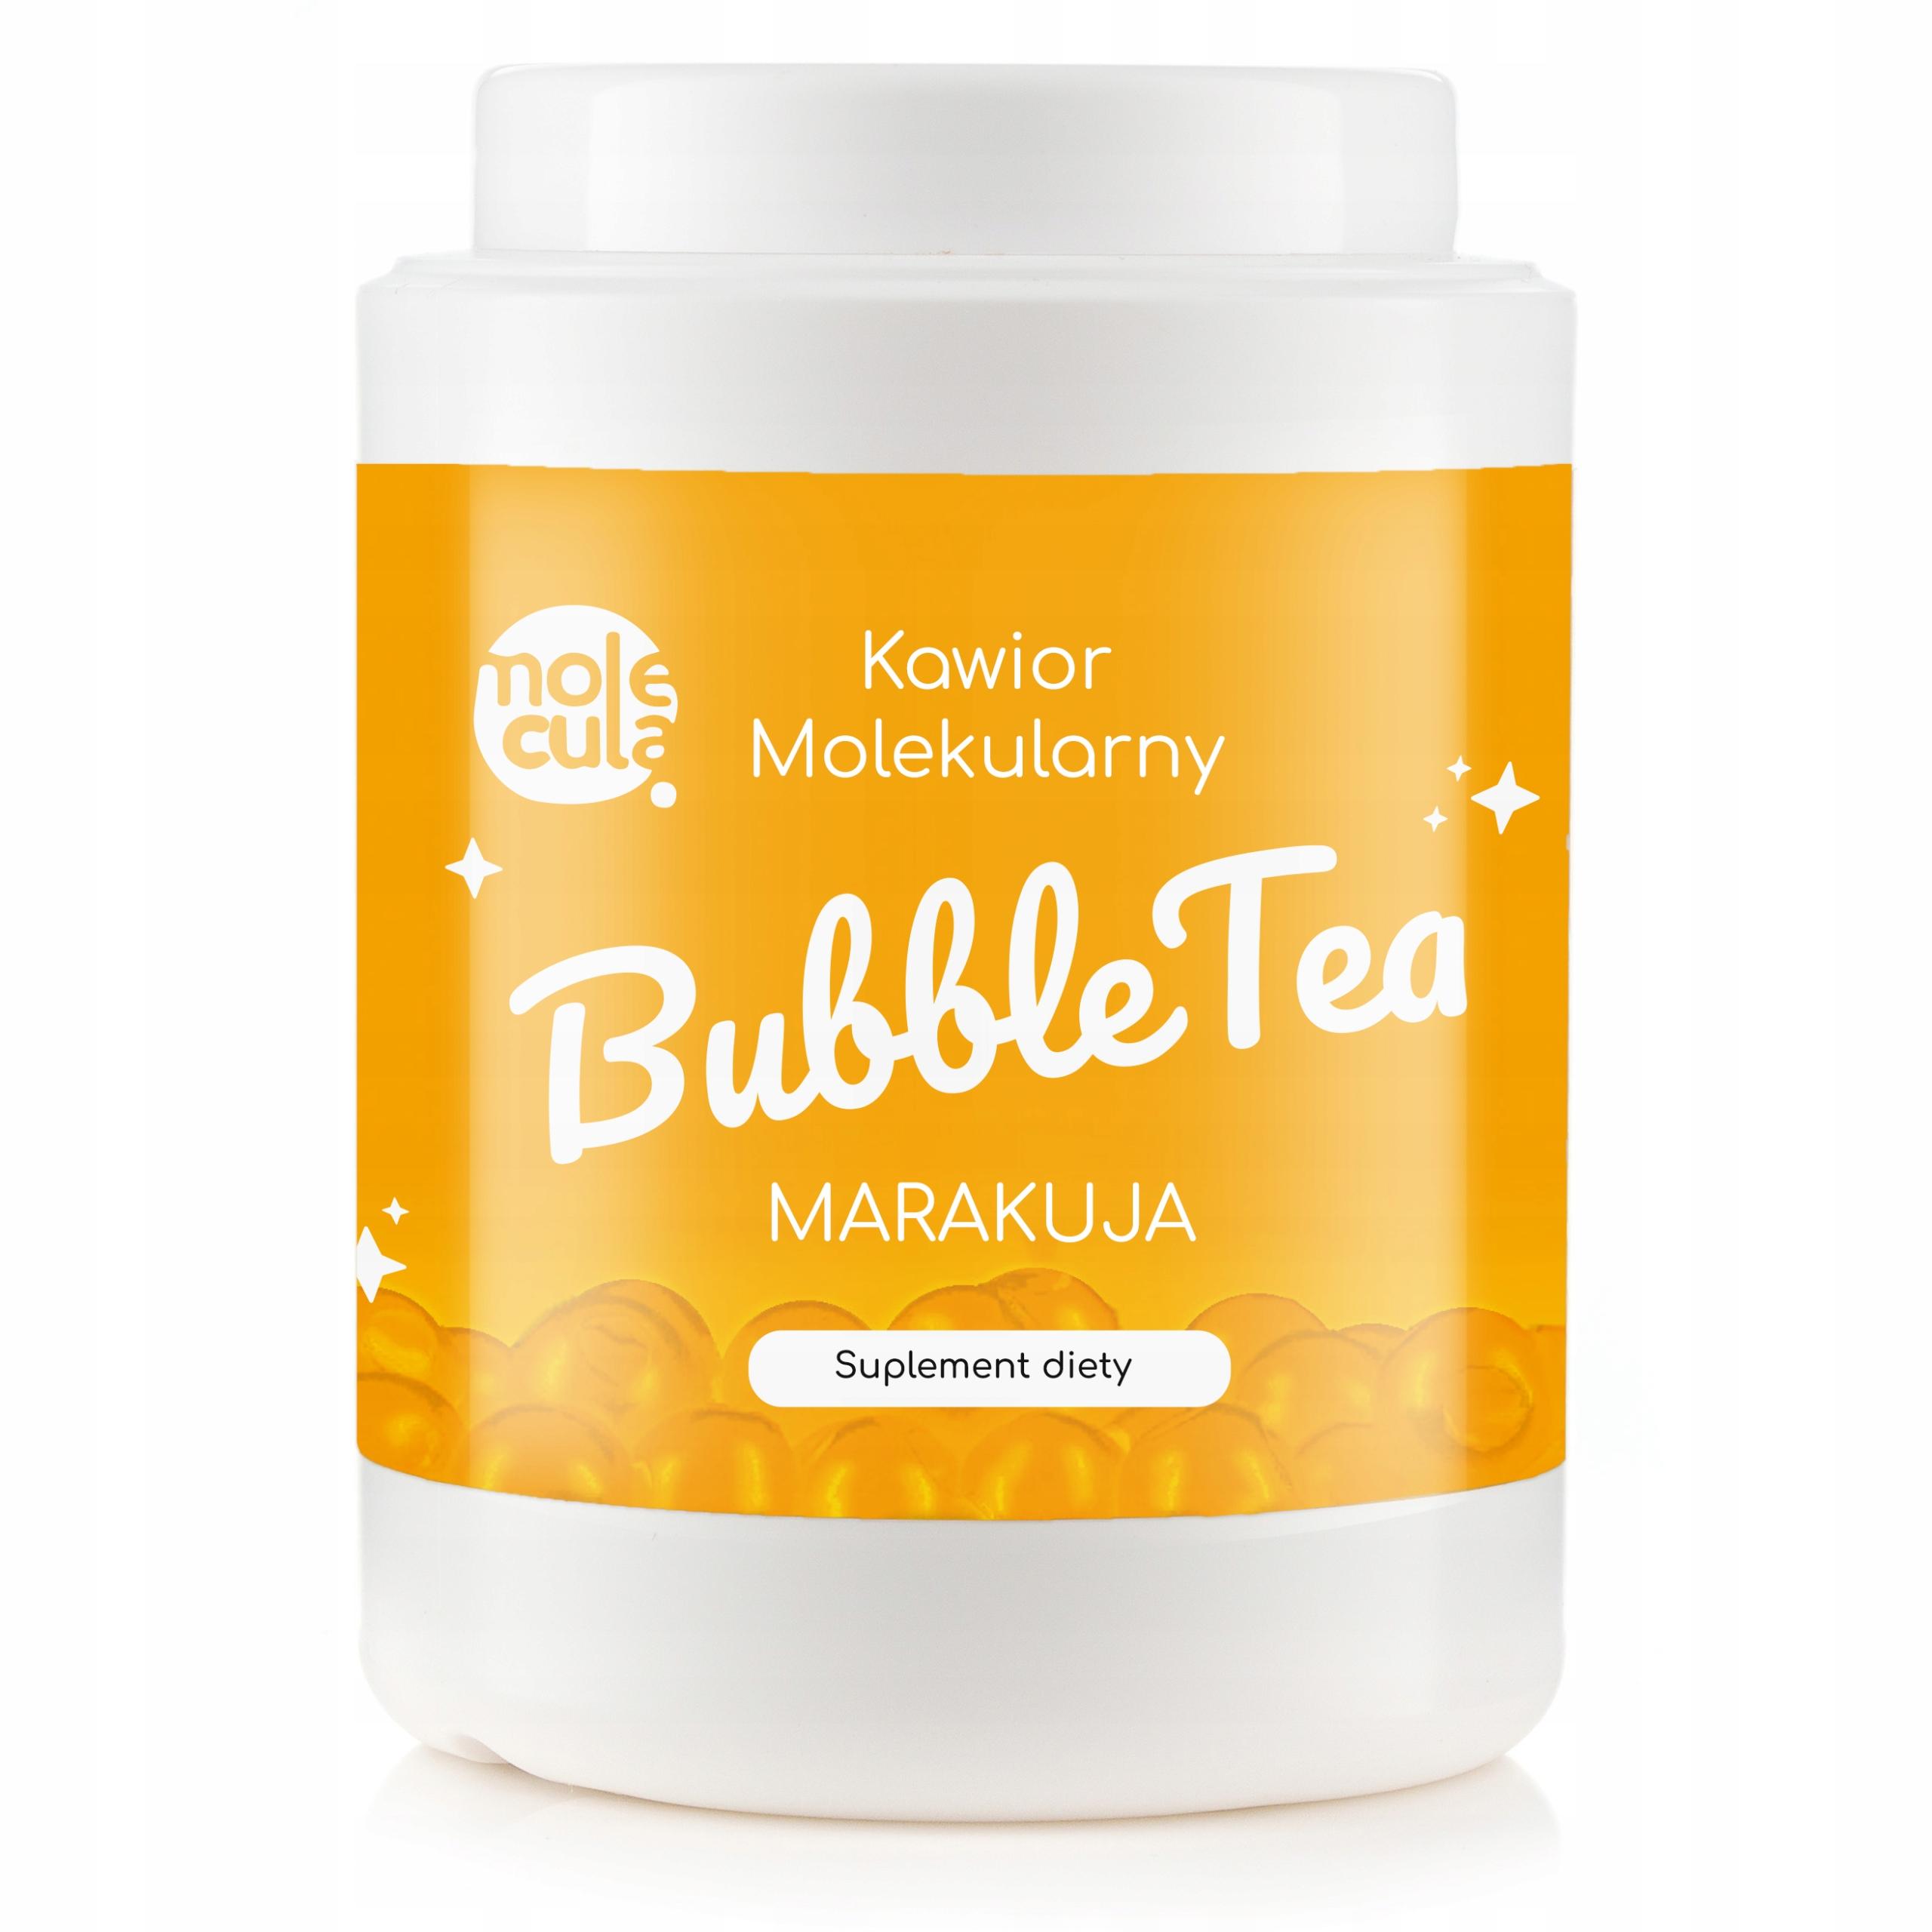 Чайные шарики Bubble Tea Balls Molecular Caviar 2 кг MARACUA